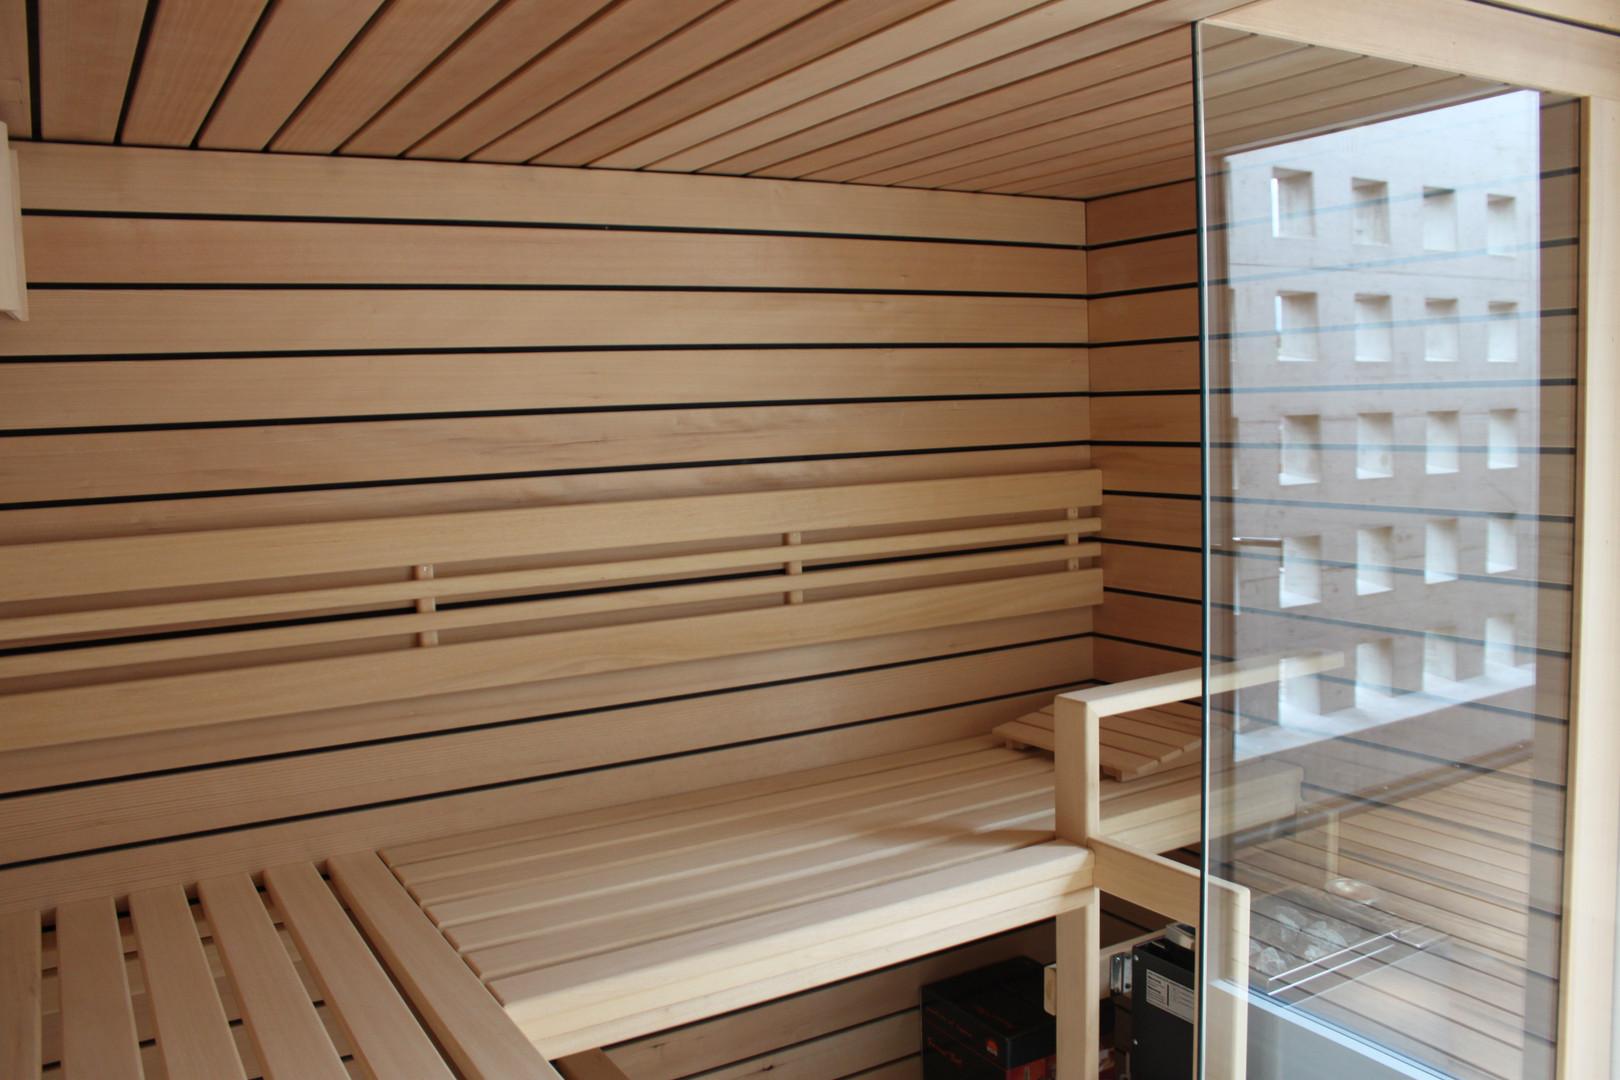 ranz_raumkonzepte_Schreiner_Weil_Lörrach_Basel_Sauna_Schreinersauna_Luxus_Holz_Modern